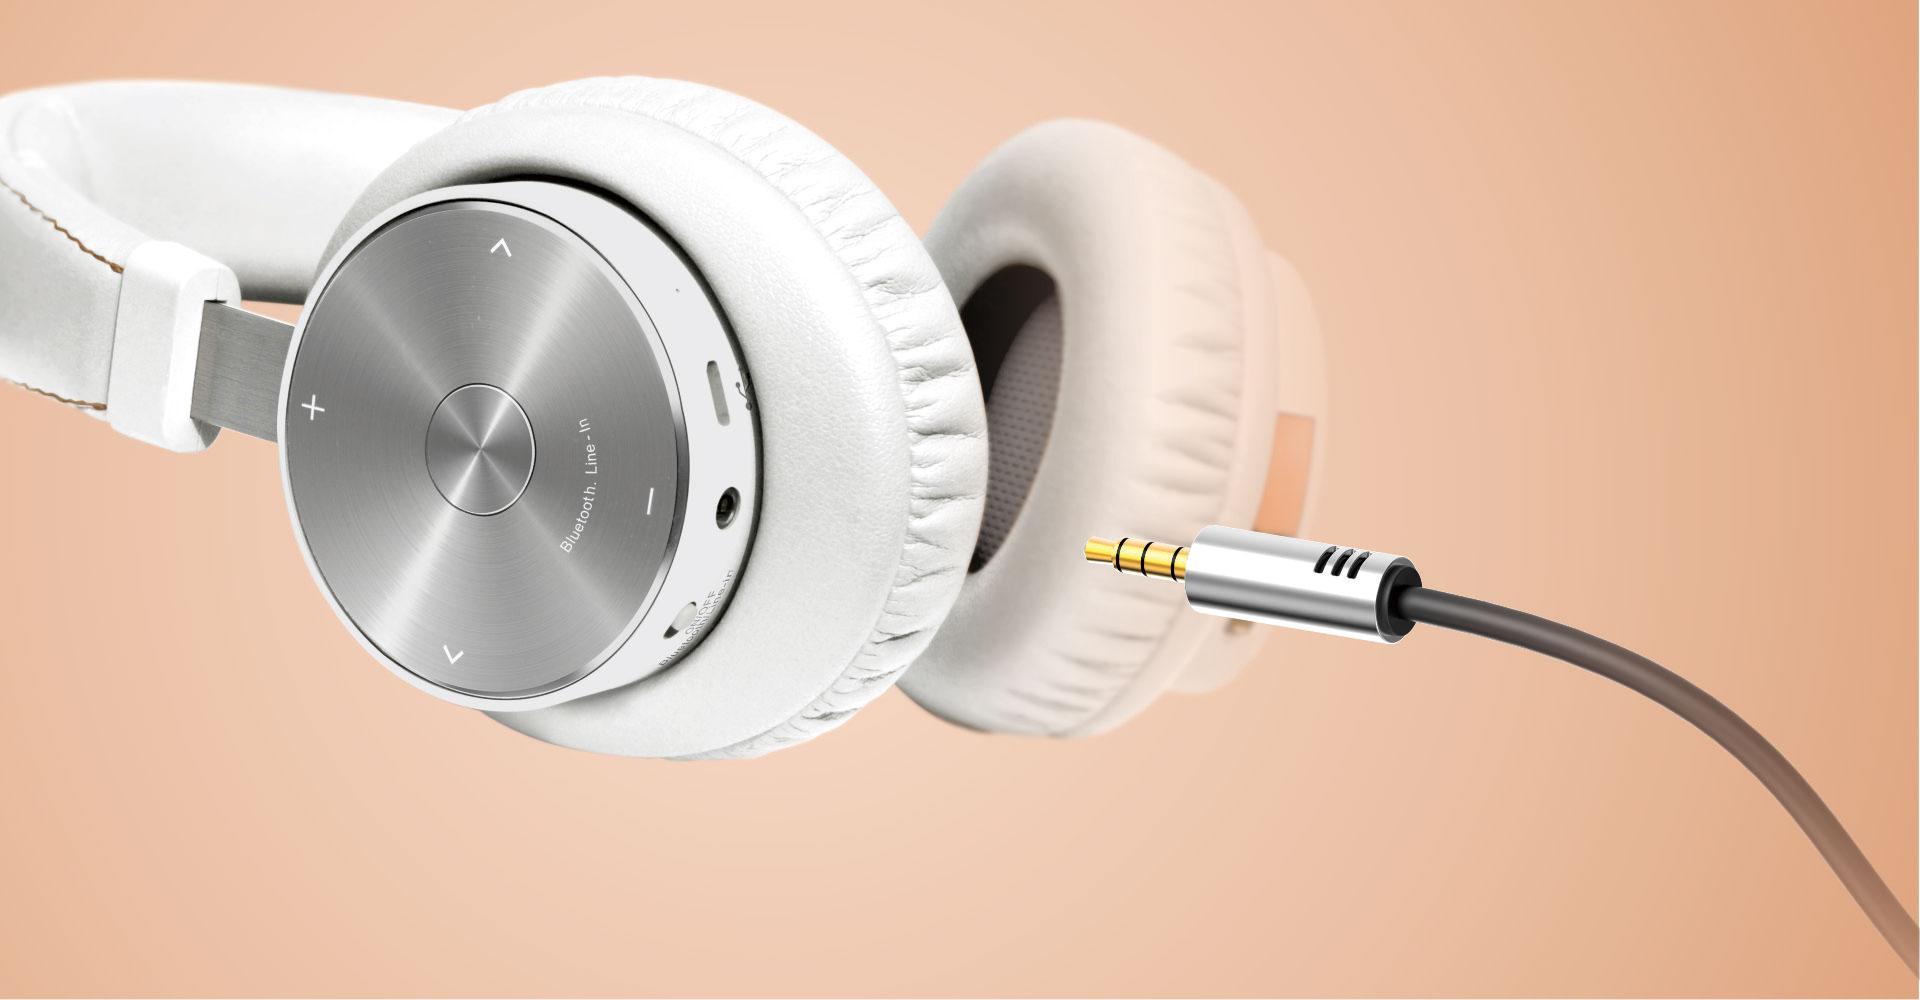 Casque BTX-500 de Mipow avec cable stereo integre